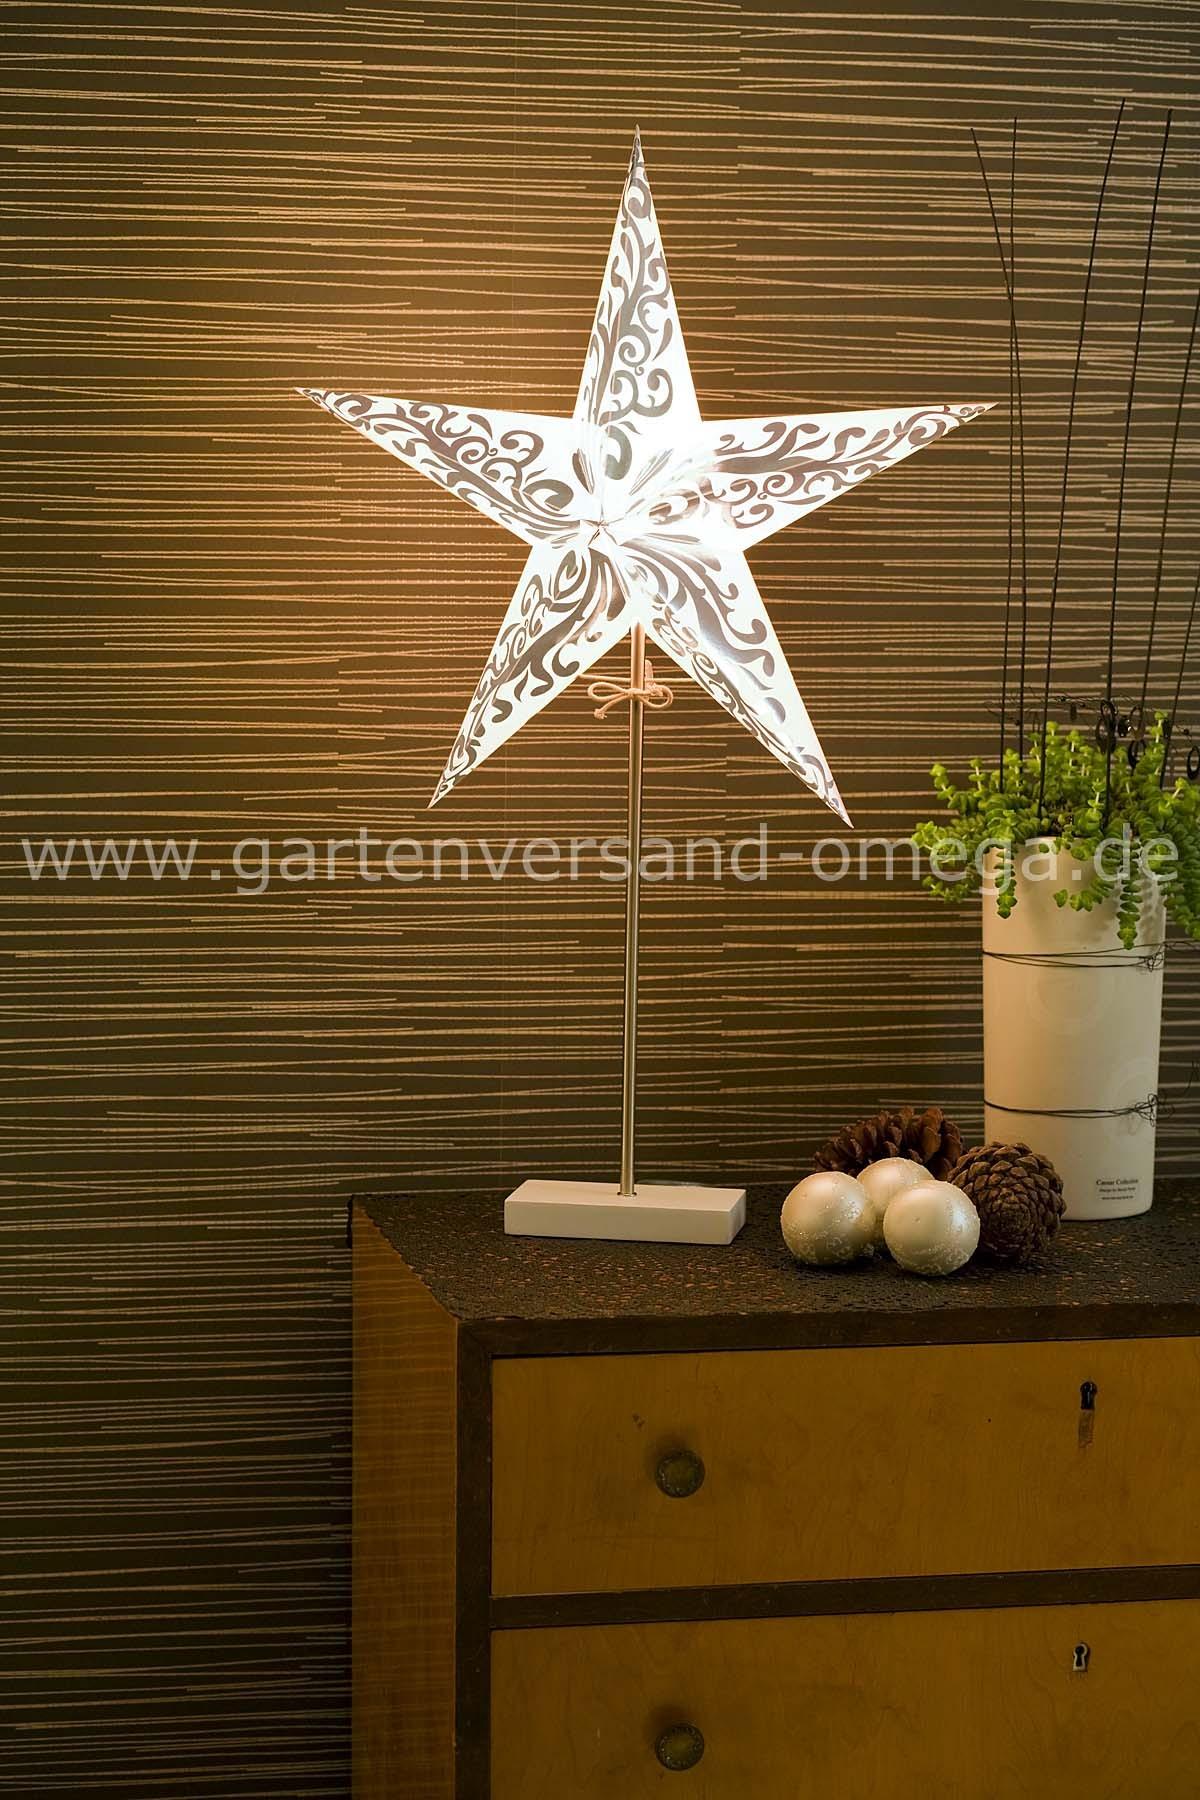 papierstern mit beleuchtung weihnachtsstern beleuchtung g nstig online kaufen yatego 20 bilder. Black Bedroom Furniture Sets. Home Design Ideas